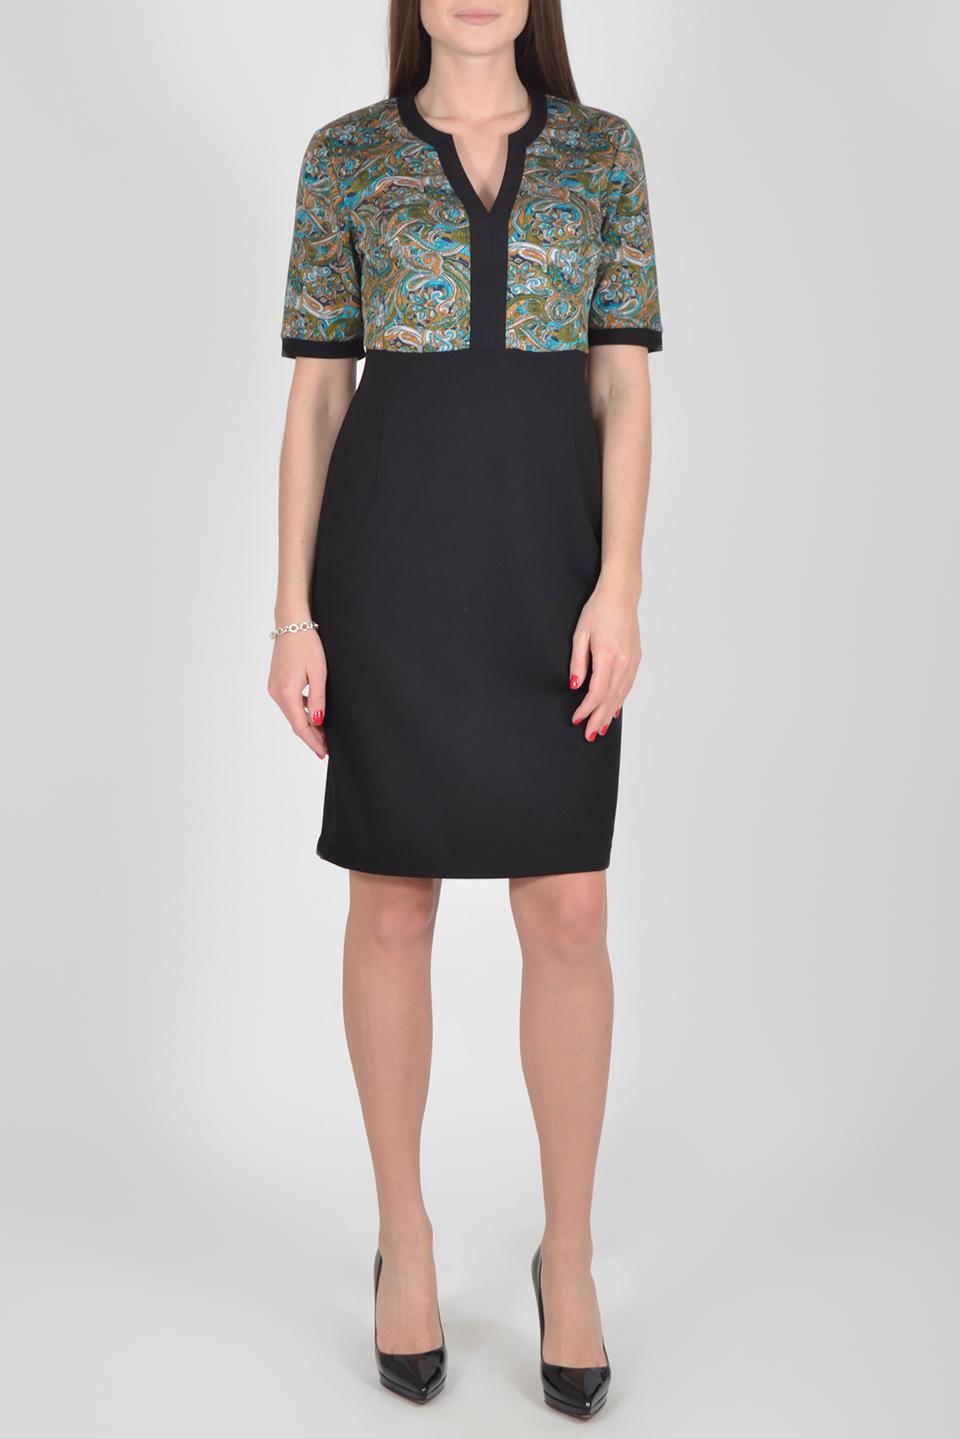 ПлатьеПлатья<br>Цветное платье с фигурной горловиной и рукавами до локтя. Модель выполнена из приятного материала. Отличный выбор для повседневного гардероба.  Длина изделия по спинке до 54 размера - 96 см., от 54 размера - 98 см.  В изделии использованы цвета: черный, зеленый и др.  Рост девушки-фотомодели 175 см.  Параметры размеров: 42 размер - обхват груди 84 см., обхват талии 66 см., обхват бедер 92 см. 44 размер - обхват груди 88 см., обхват талии 70 см., обхват бедер 96 см. 46 размер - обхват груди 92 см., обхват талии 74 см., обхват бедер 100 см. 48 размер - обхват груди 96 см., обхват талии 78 см., обхват бедер 104 см. 50 размер - обхват груди 100 см., обхват талии 82 см., обхват бедер 108 см. 52 размер - обхват груди 104 см., обхват талии 86 см., обхват бедер 112 см. 54 размер - обхват груди 108 см., обхват талии 91 см., обхват бедер 116 см. 56 размер - обхват груди 112 см., обхват талии 95 см., обхват бедер 120 см. 58 размер - обхват груди 116 см., обхват талии 100 см., обхват бедер 124 см. 60 размер - обхват груди 120 см., обхват талии 105 см., обхват бедер 128 см.<br><br>Горловина: Фигурная горловина<br>По длине: До колена<br>По материалу: Трикотаж<br>По рисунку: С принтом,Цветные,Этнические<br>По силуэту: Приталенные<br>По стилю: Повседневный стиль<br>По форме: Платье - футляр<br>По элементам: С завышенной талией<br>Рукав: До локтя<br>По сезону: Осень,Весна<br>Размер : 48,50,52,54,56<br>Материал: Трикотаж<br>Количество в наличии: 14